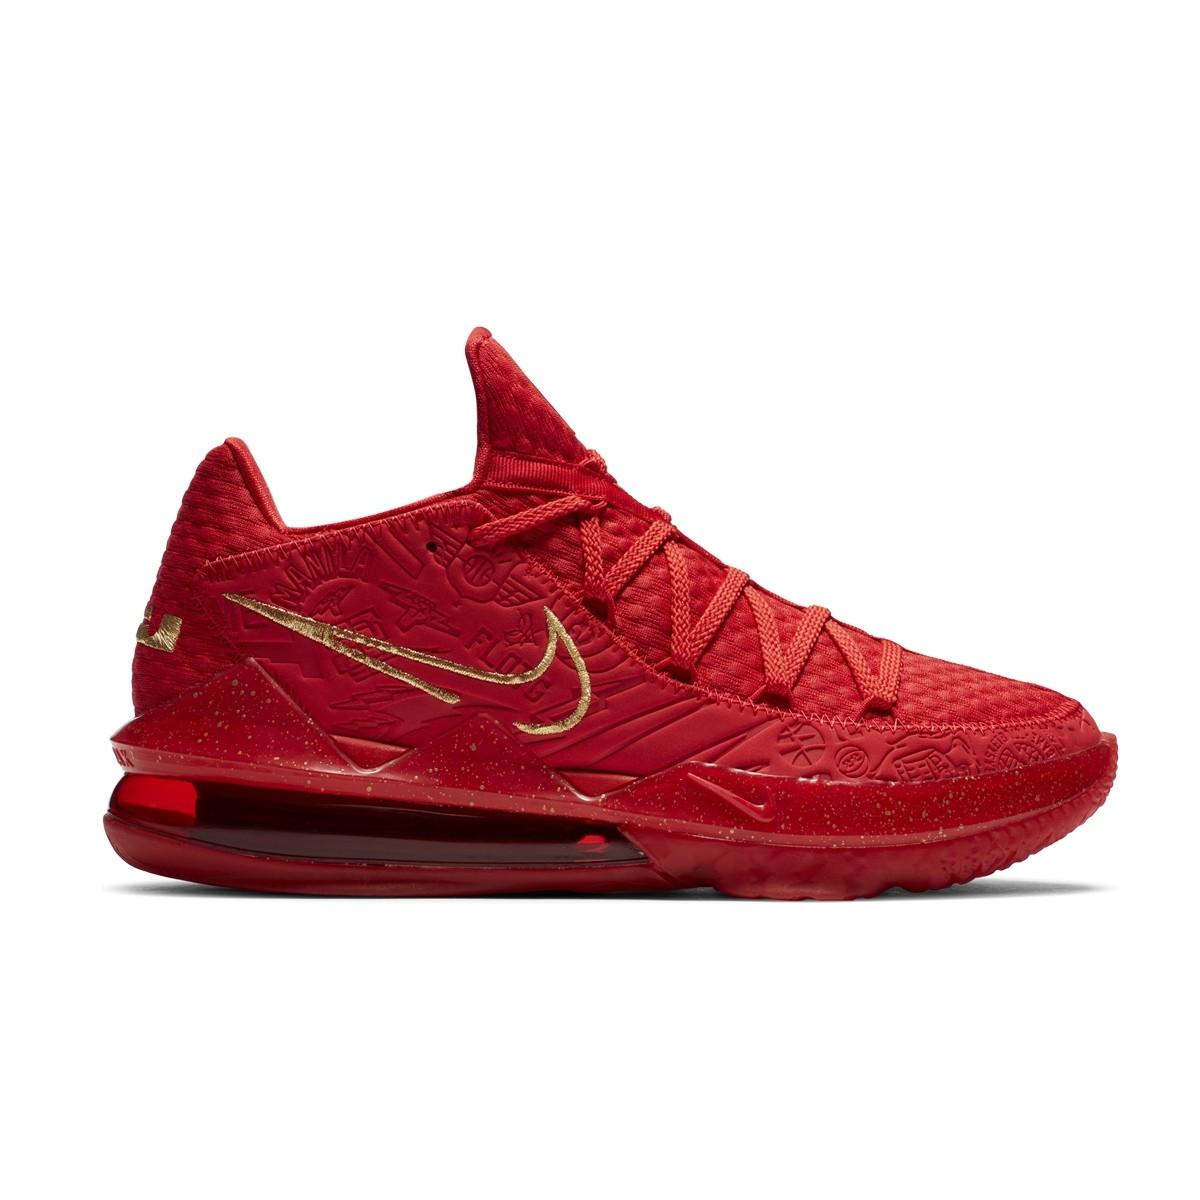 Nike LeBron XVII Low PH x Titan 'Agimat'